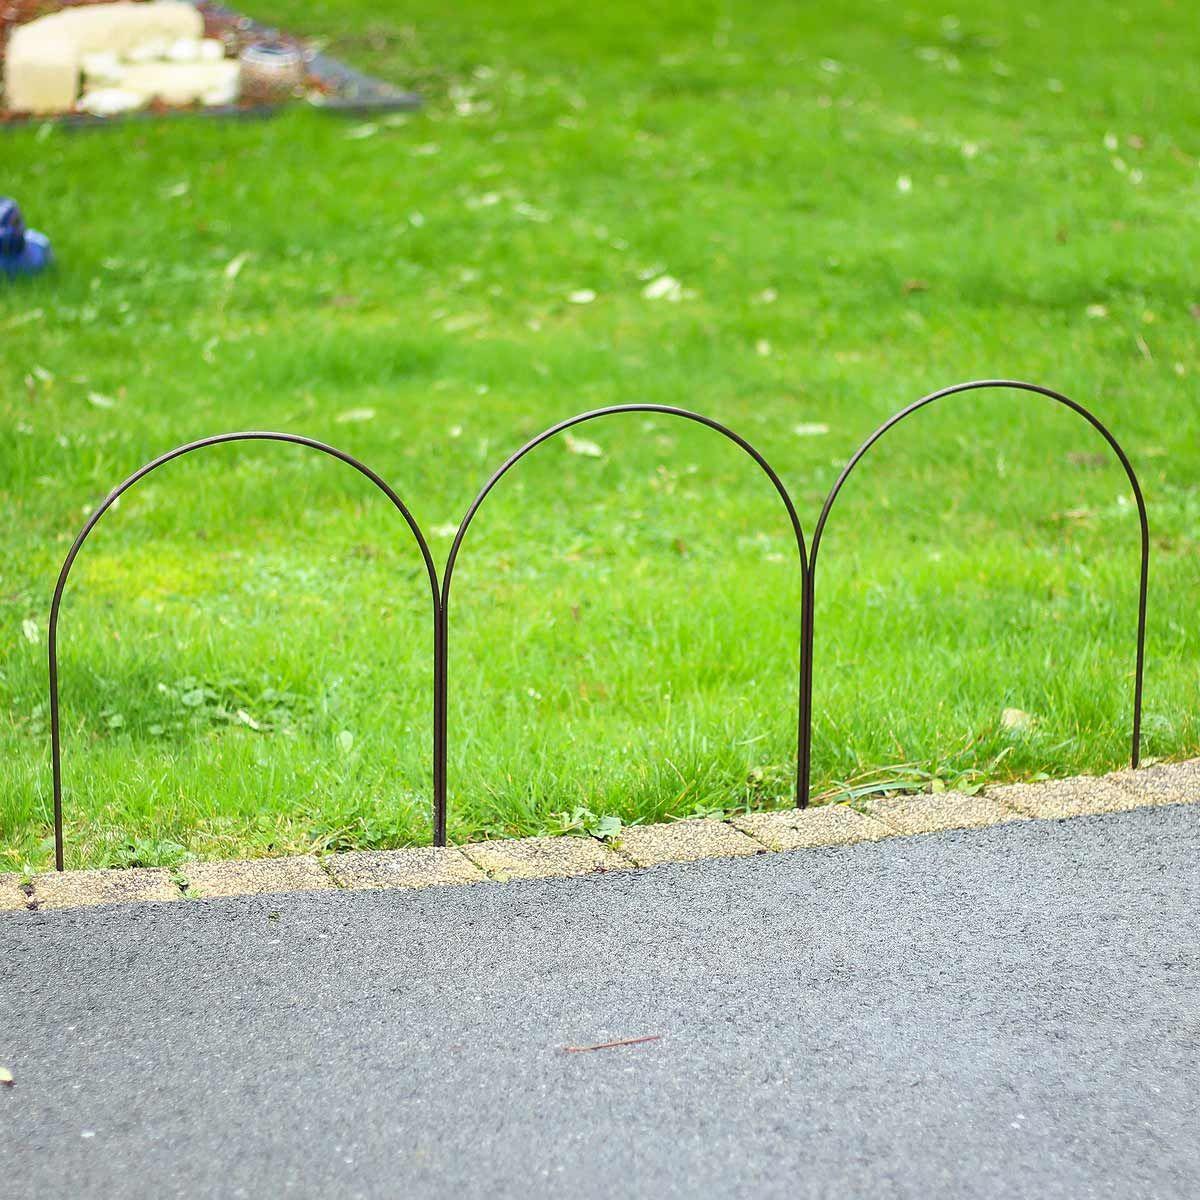 Bordure Triple Arceaux En Acier Plein L.100Cm X H.40Cm ... destiné Bordure Jardin Caoutchouc